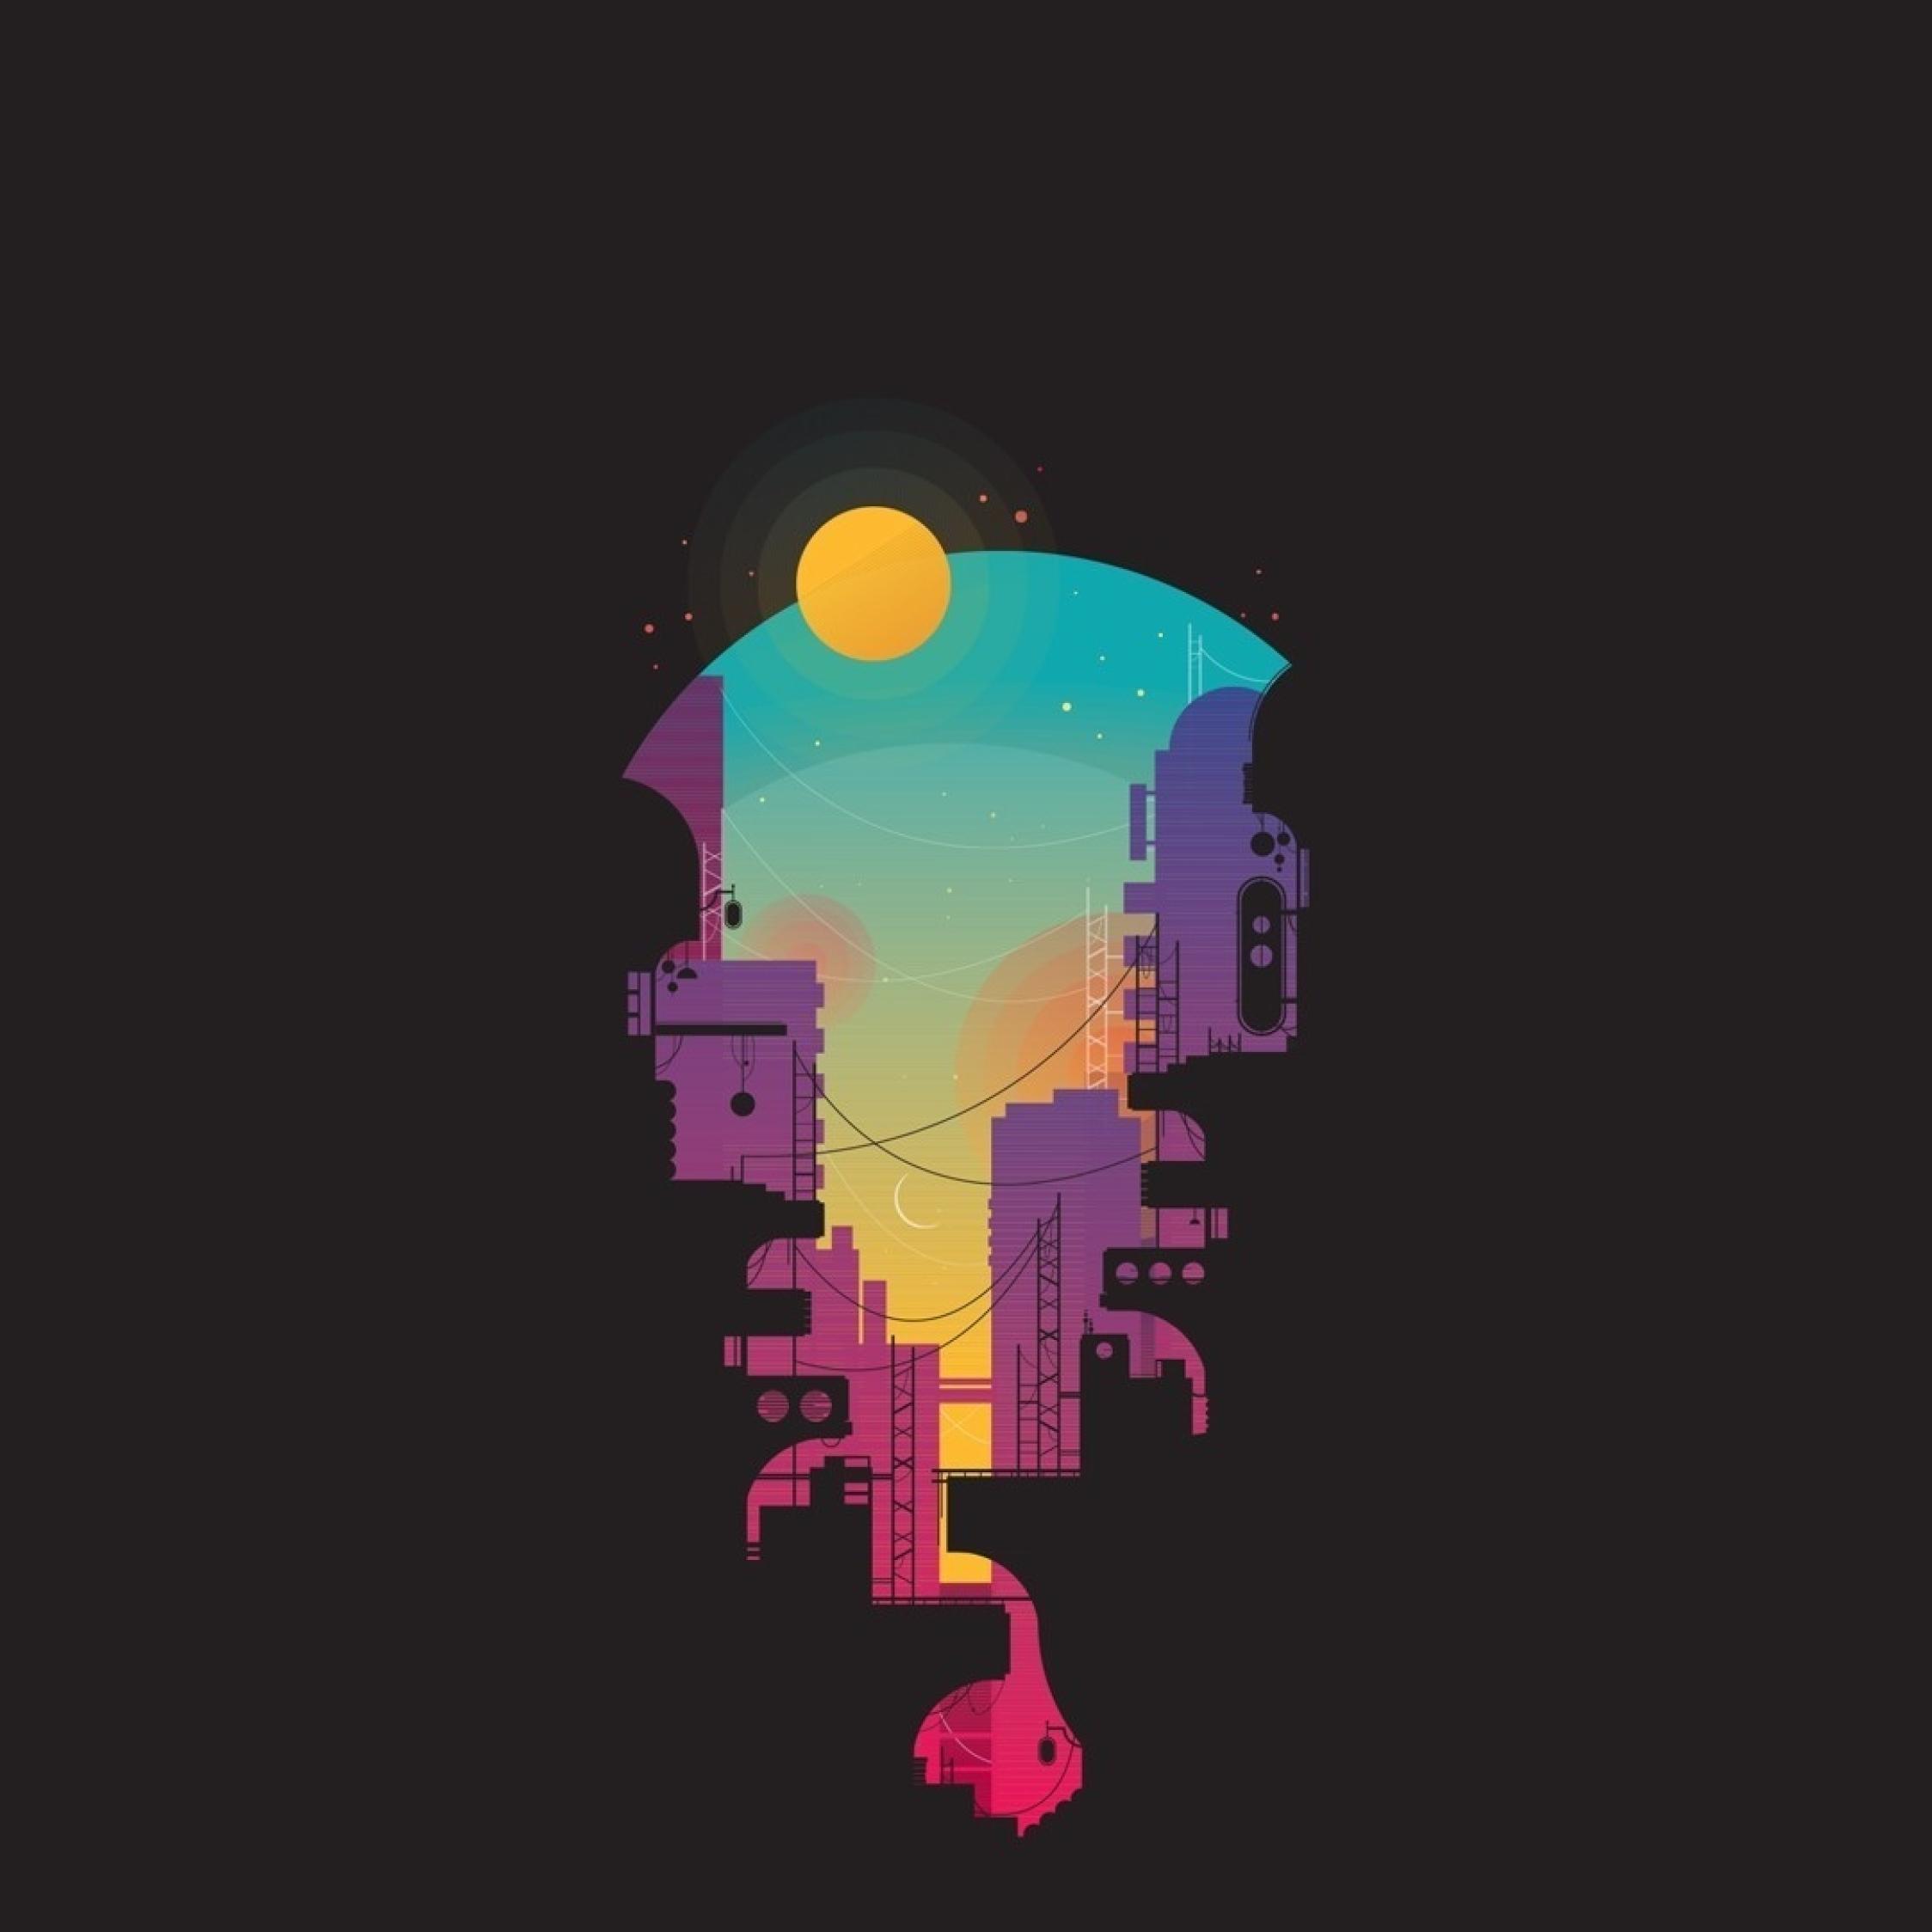 City Minimalism, Full HD Wallpaper